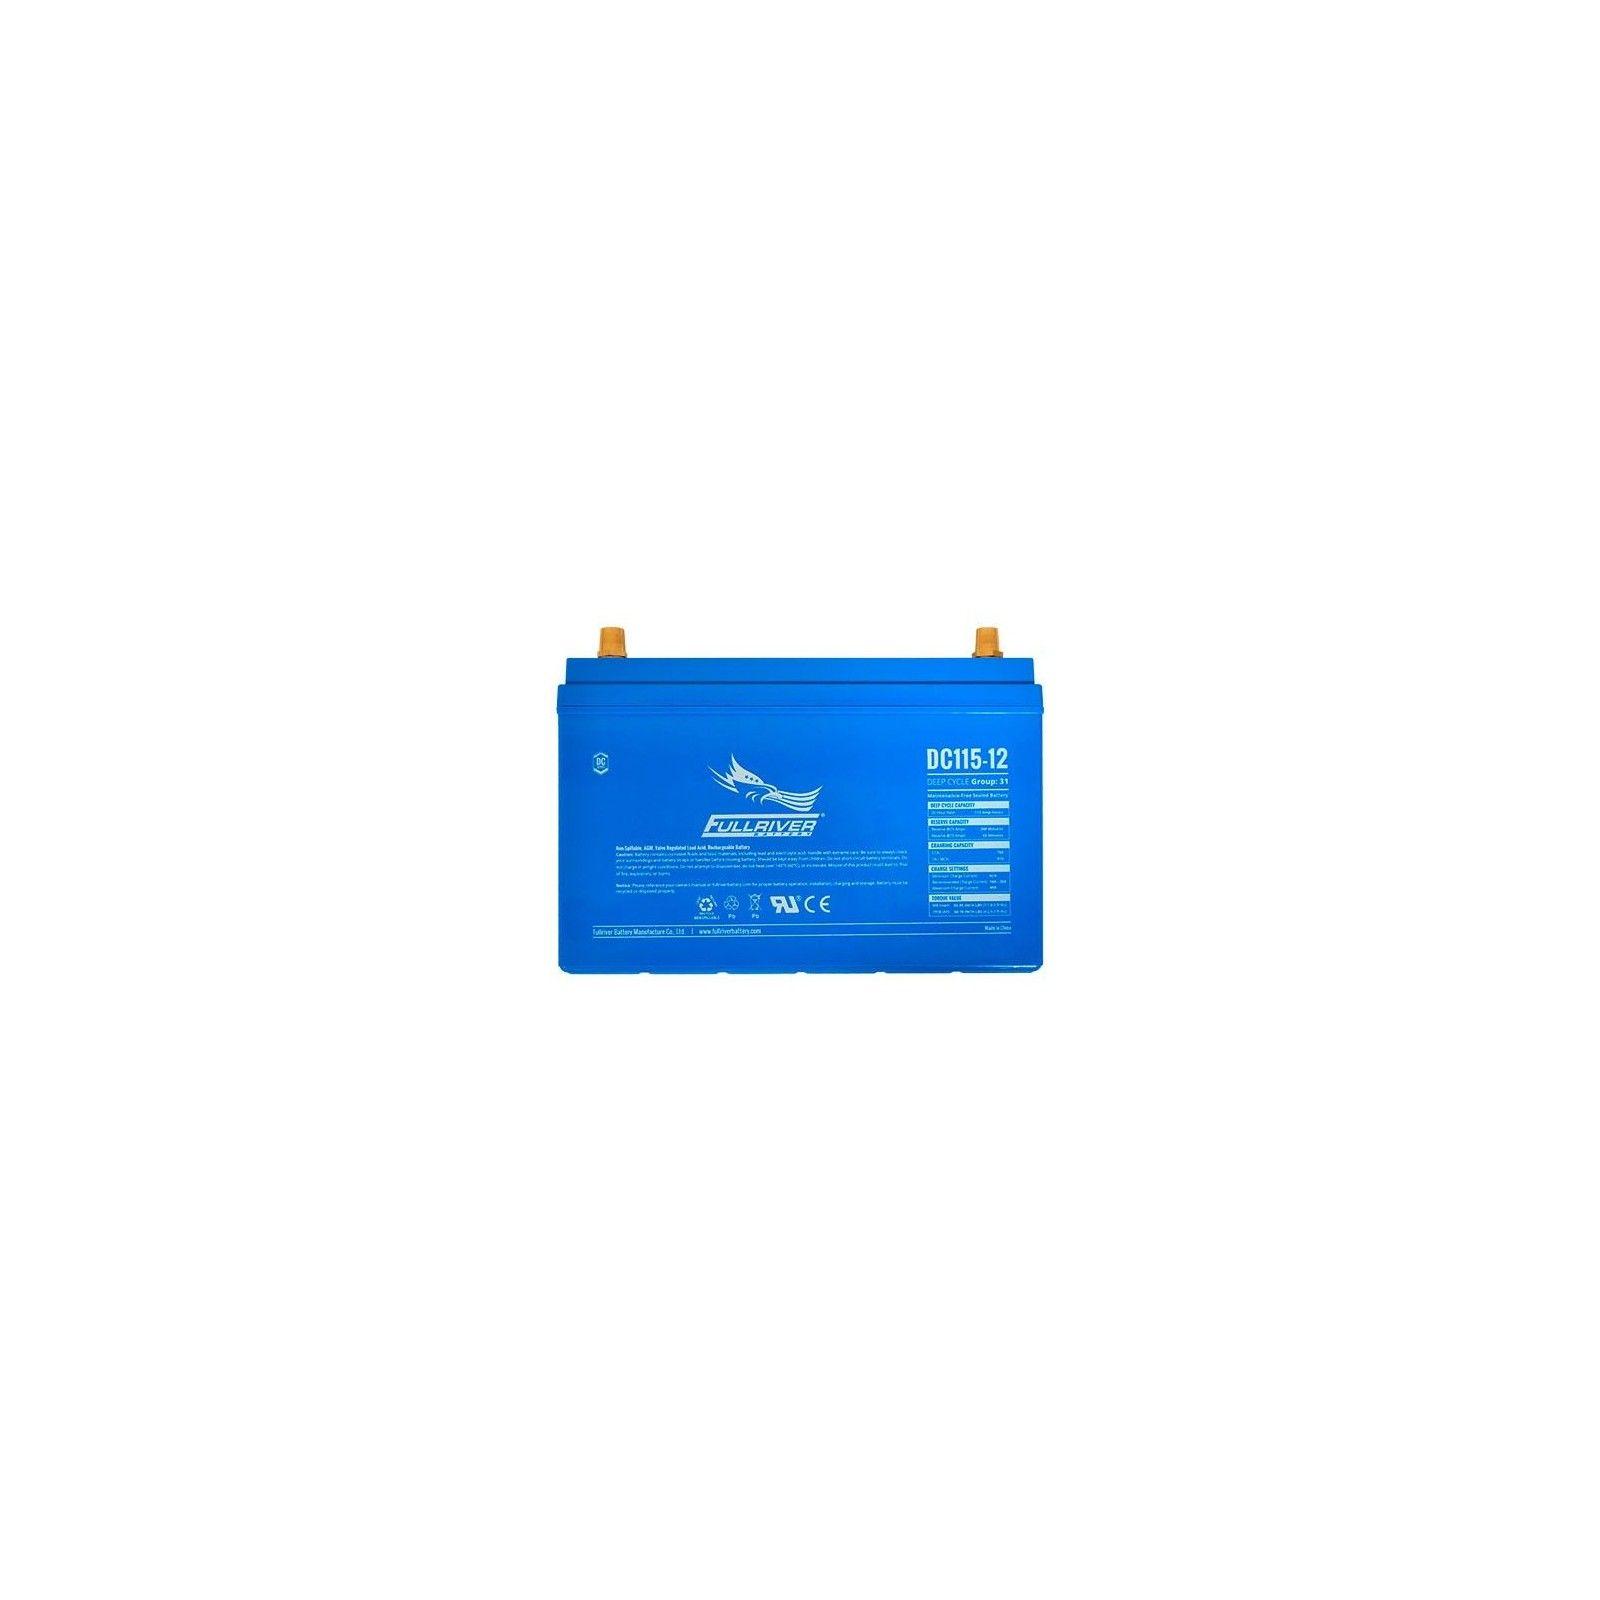 Batería Fullriver DC115-12A 115Ah 600A 12V Dc FULLRIVER - 1